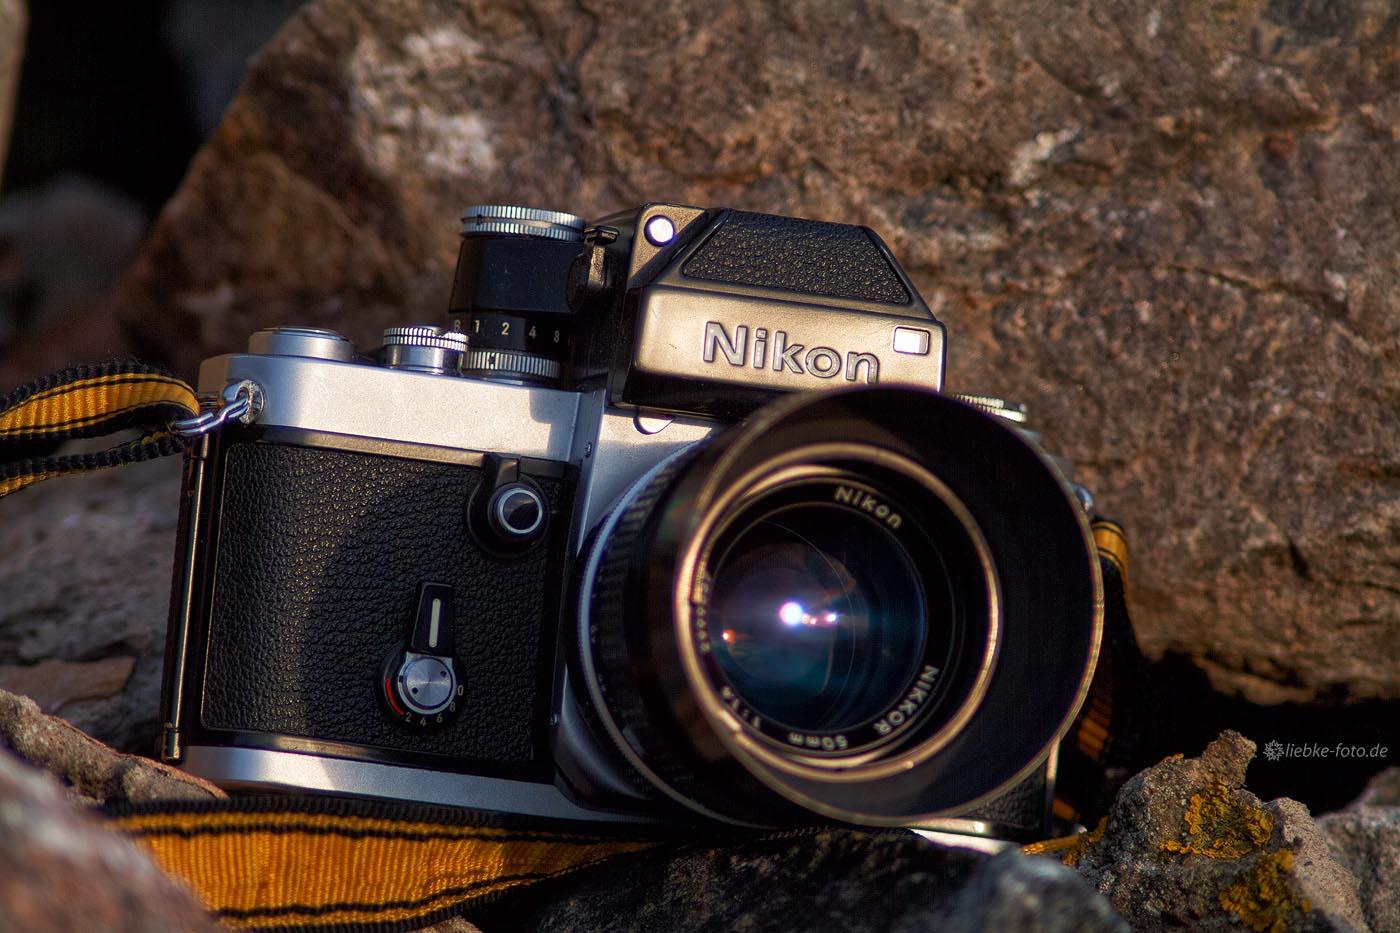 Nikon F2 - Location: Feldsteine am Fuß des Bismarckturms bei Zehdenick